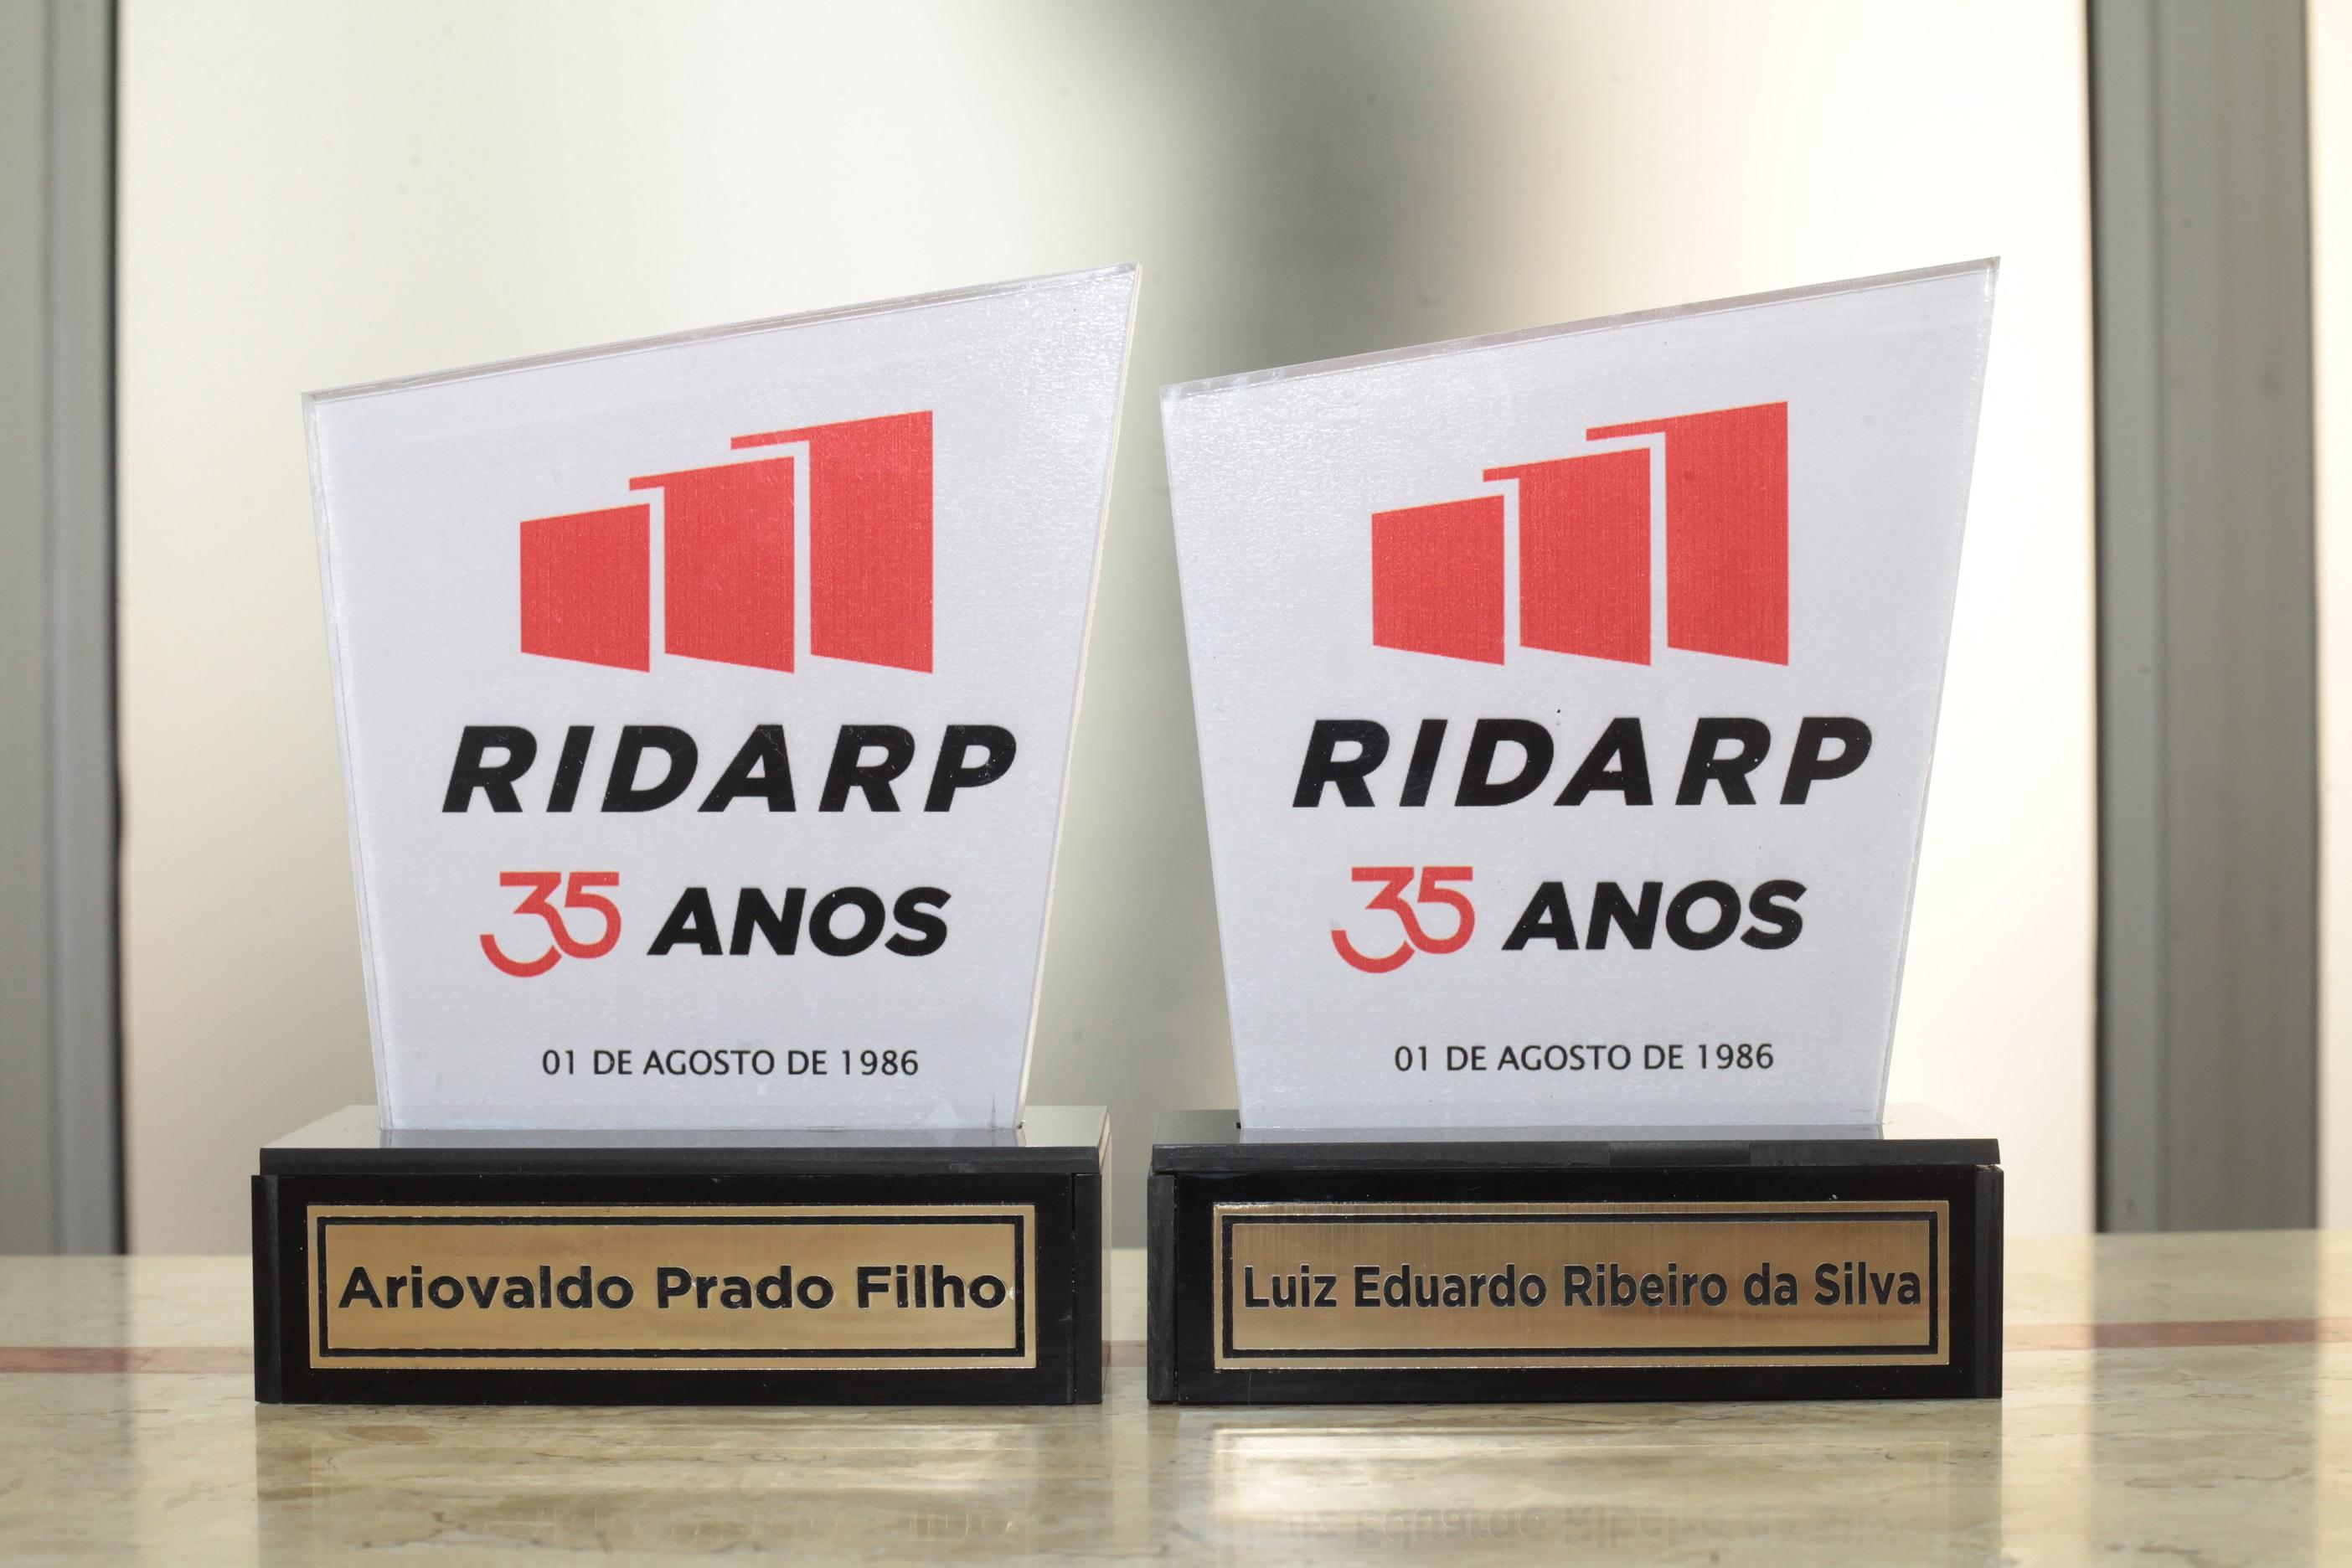 Conheça as certificações conquistadas pela Ridarp em 35 anos